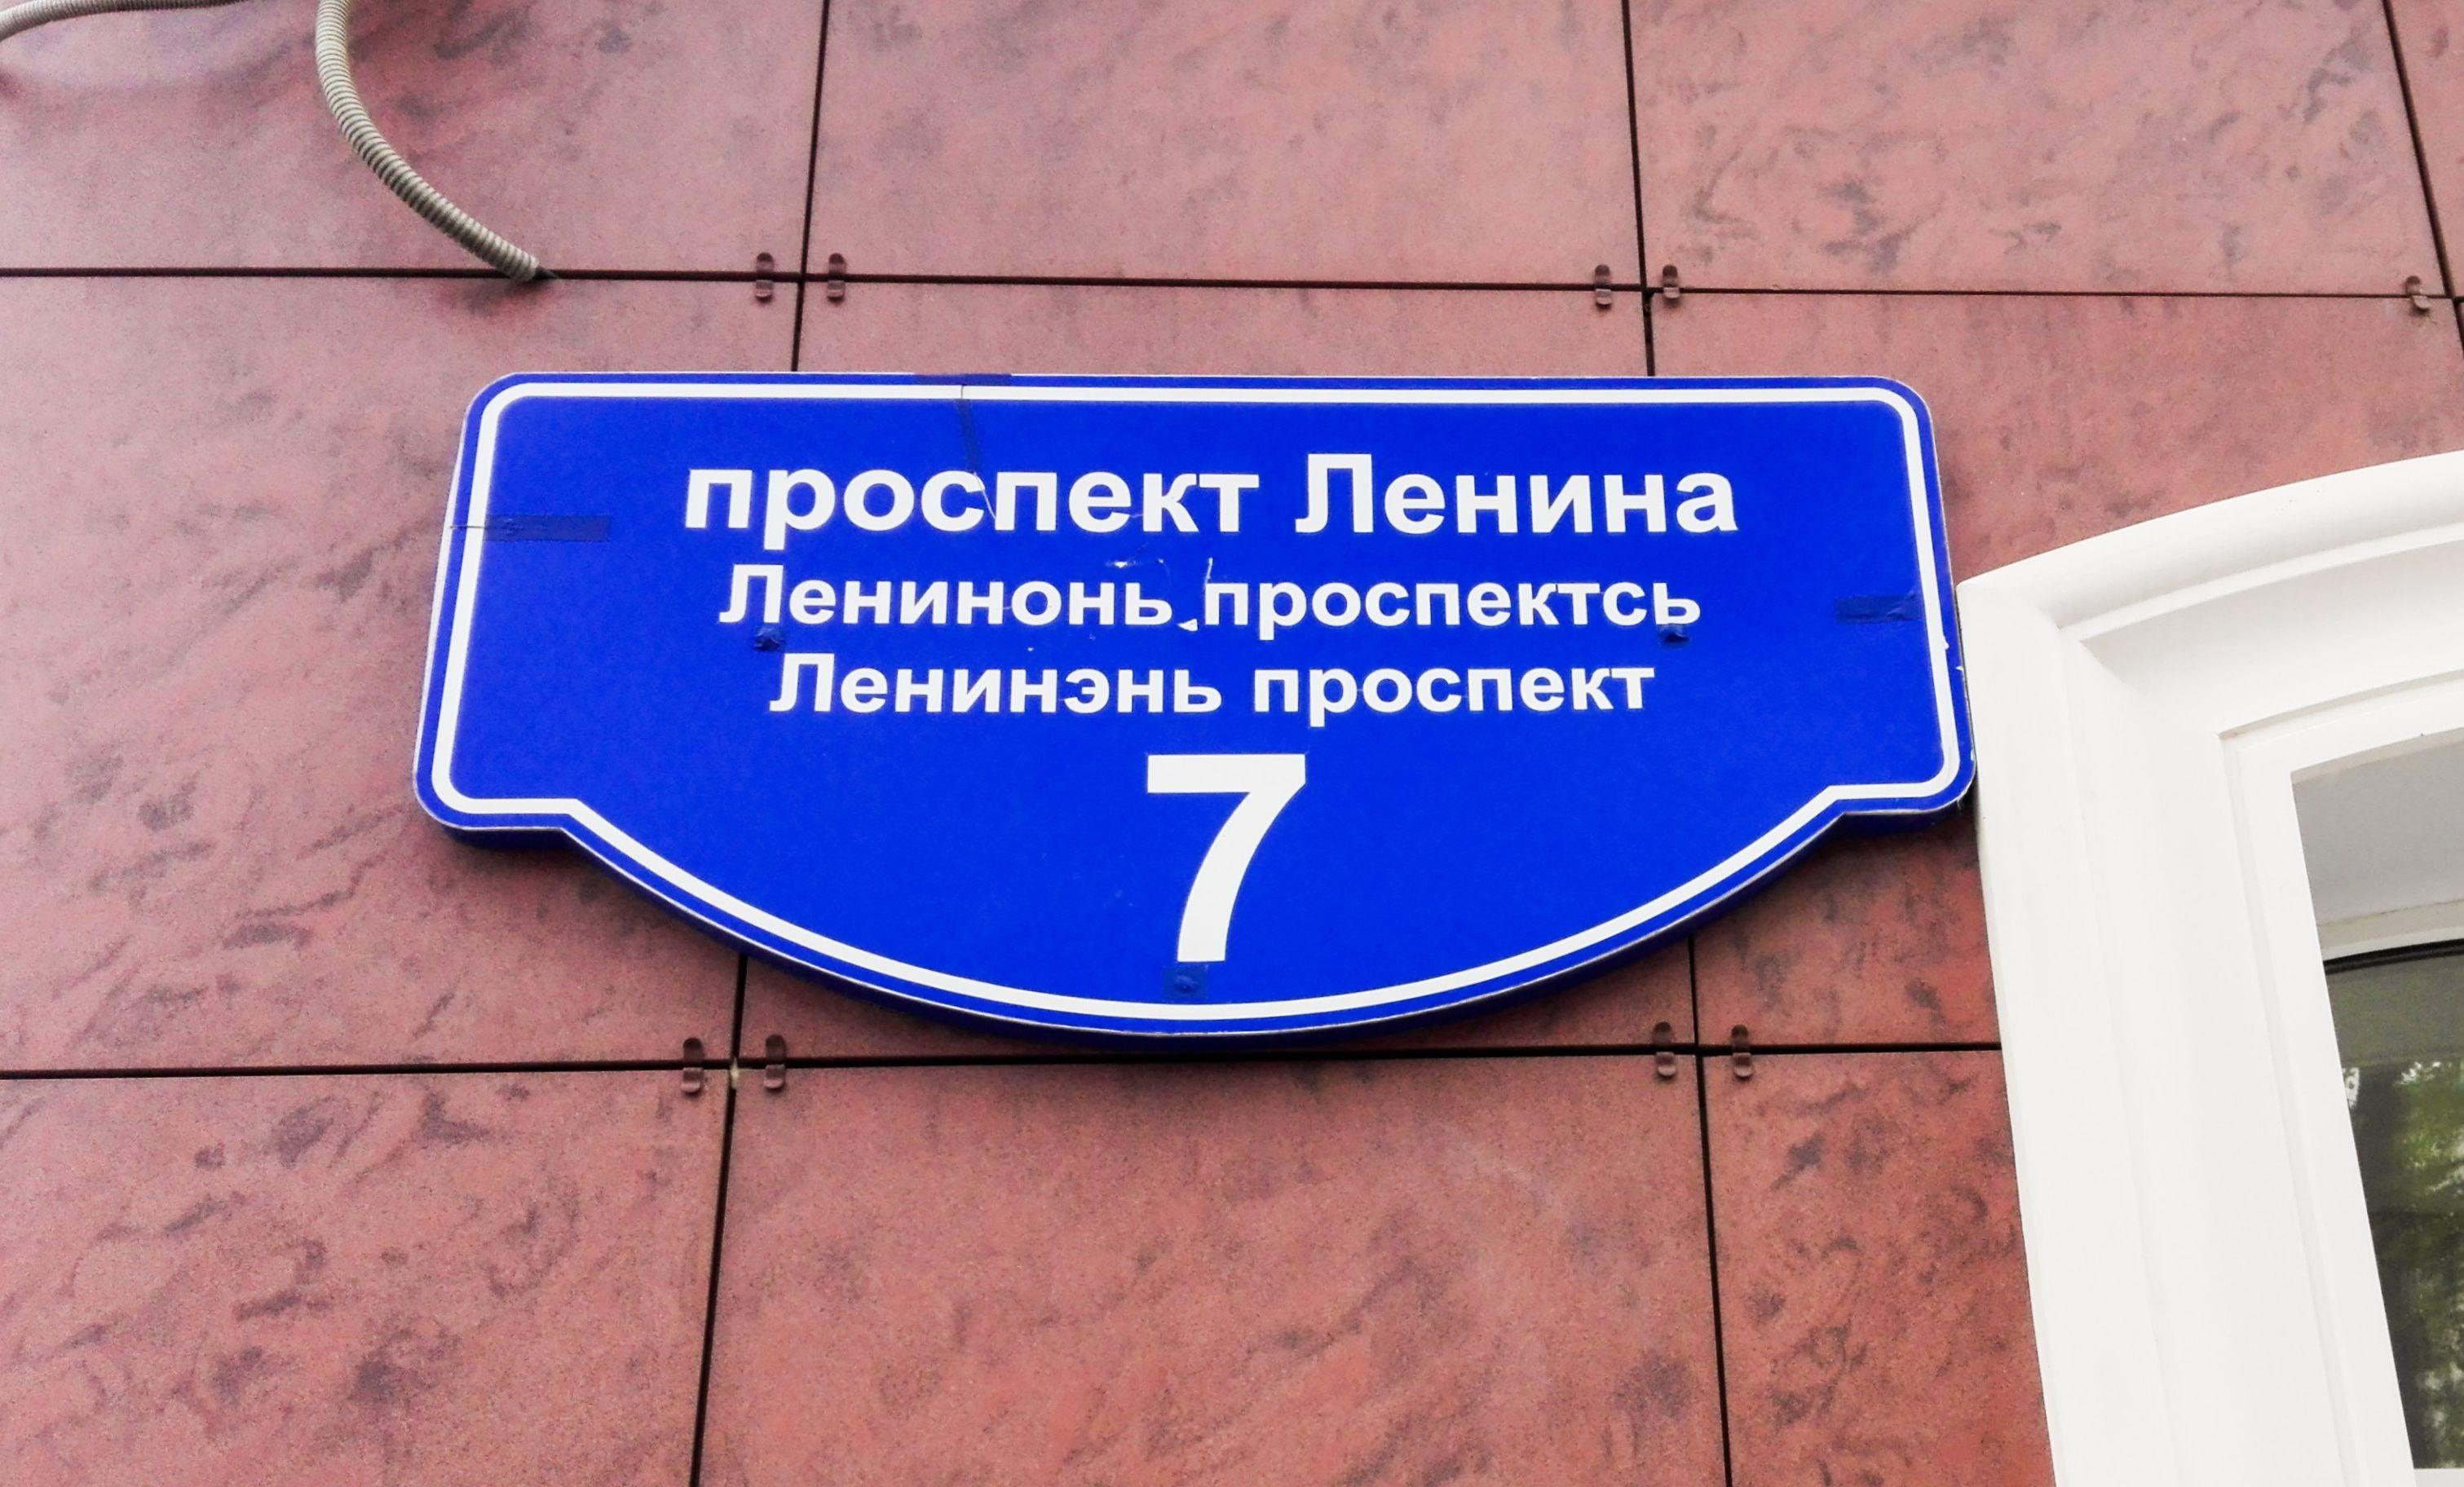 Название улицы в Саранске